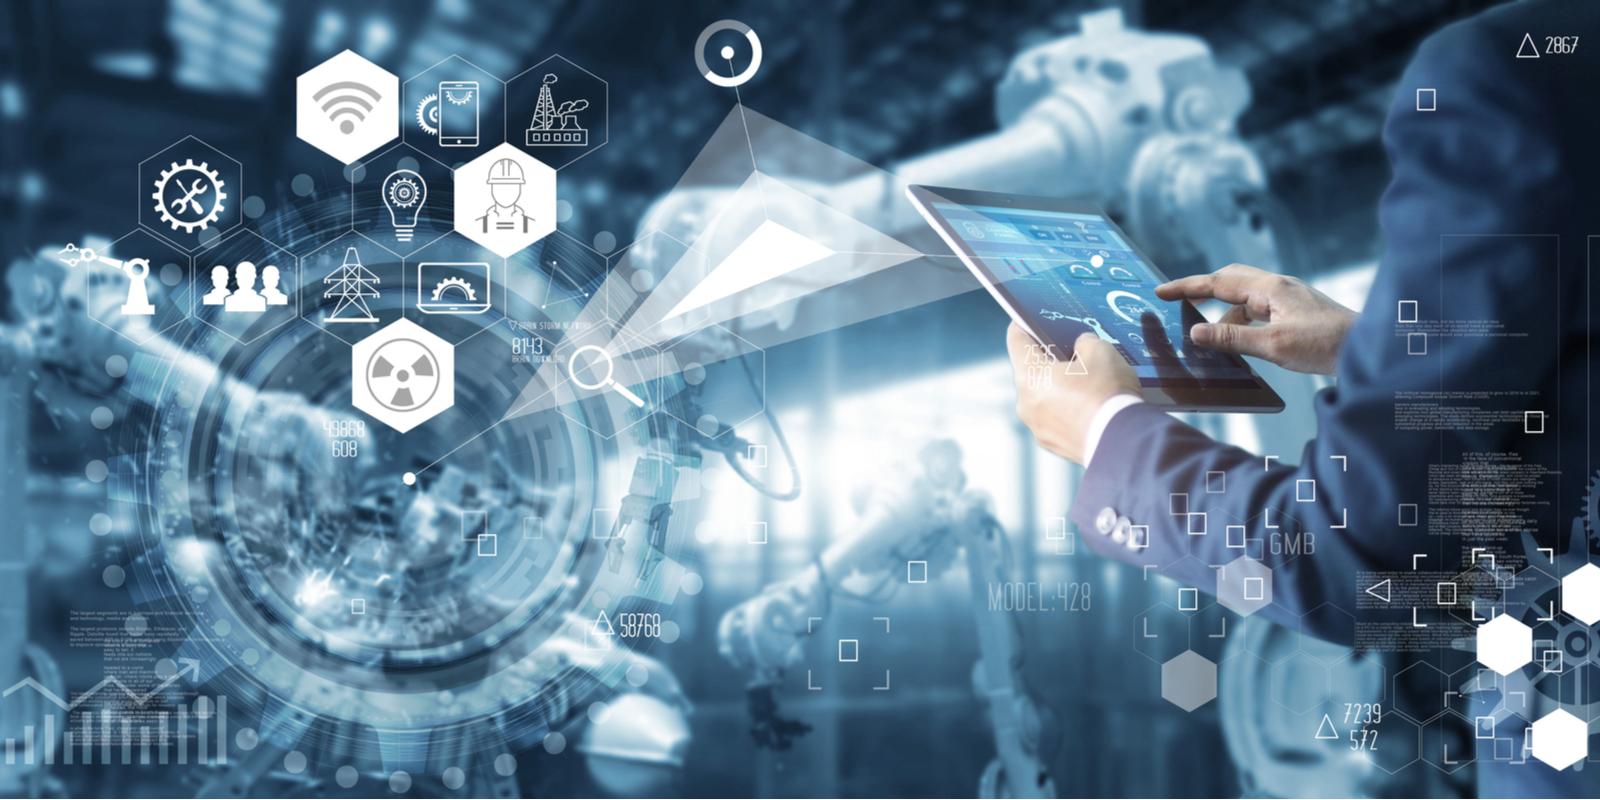 Mann mit Tablet bedient intelligenten Roboter